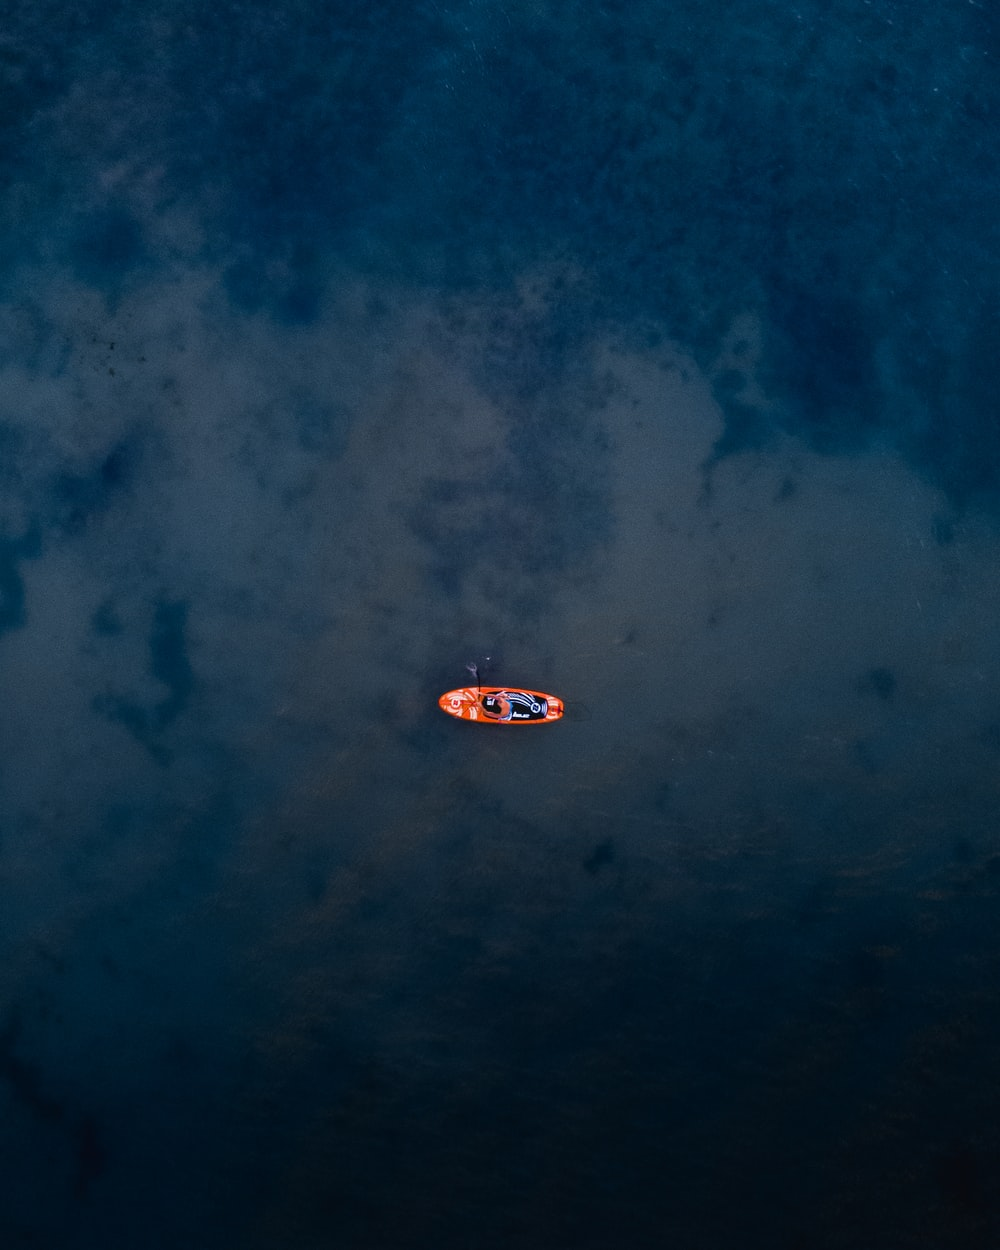 person riding orange canoeboat